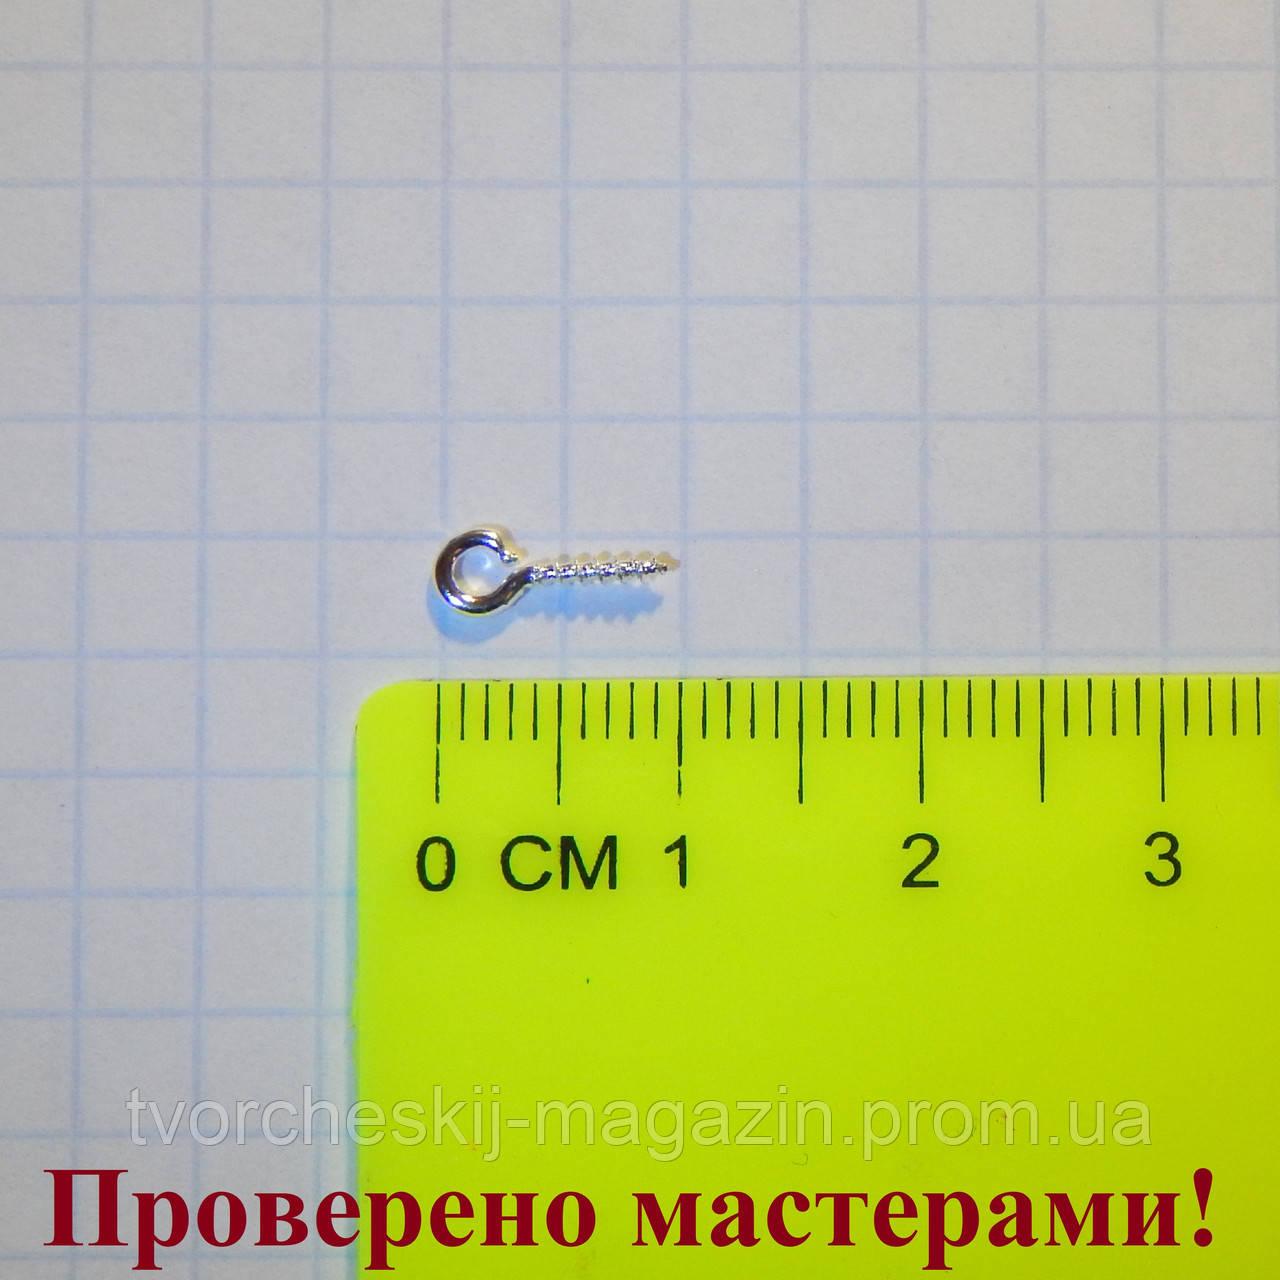 Крепление для подвески штифт посеребренное 0,9 см, 1 шт